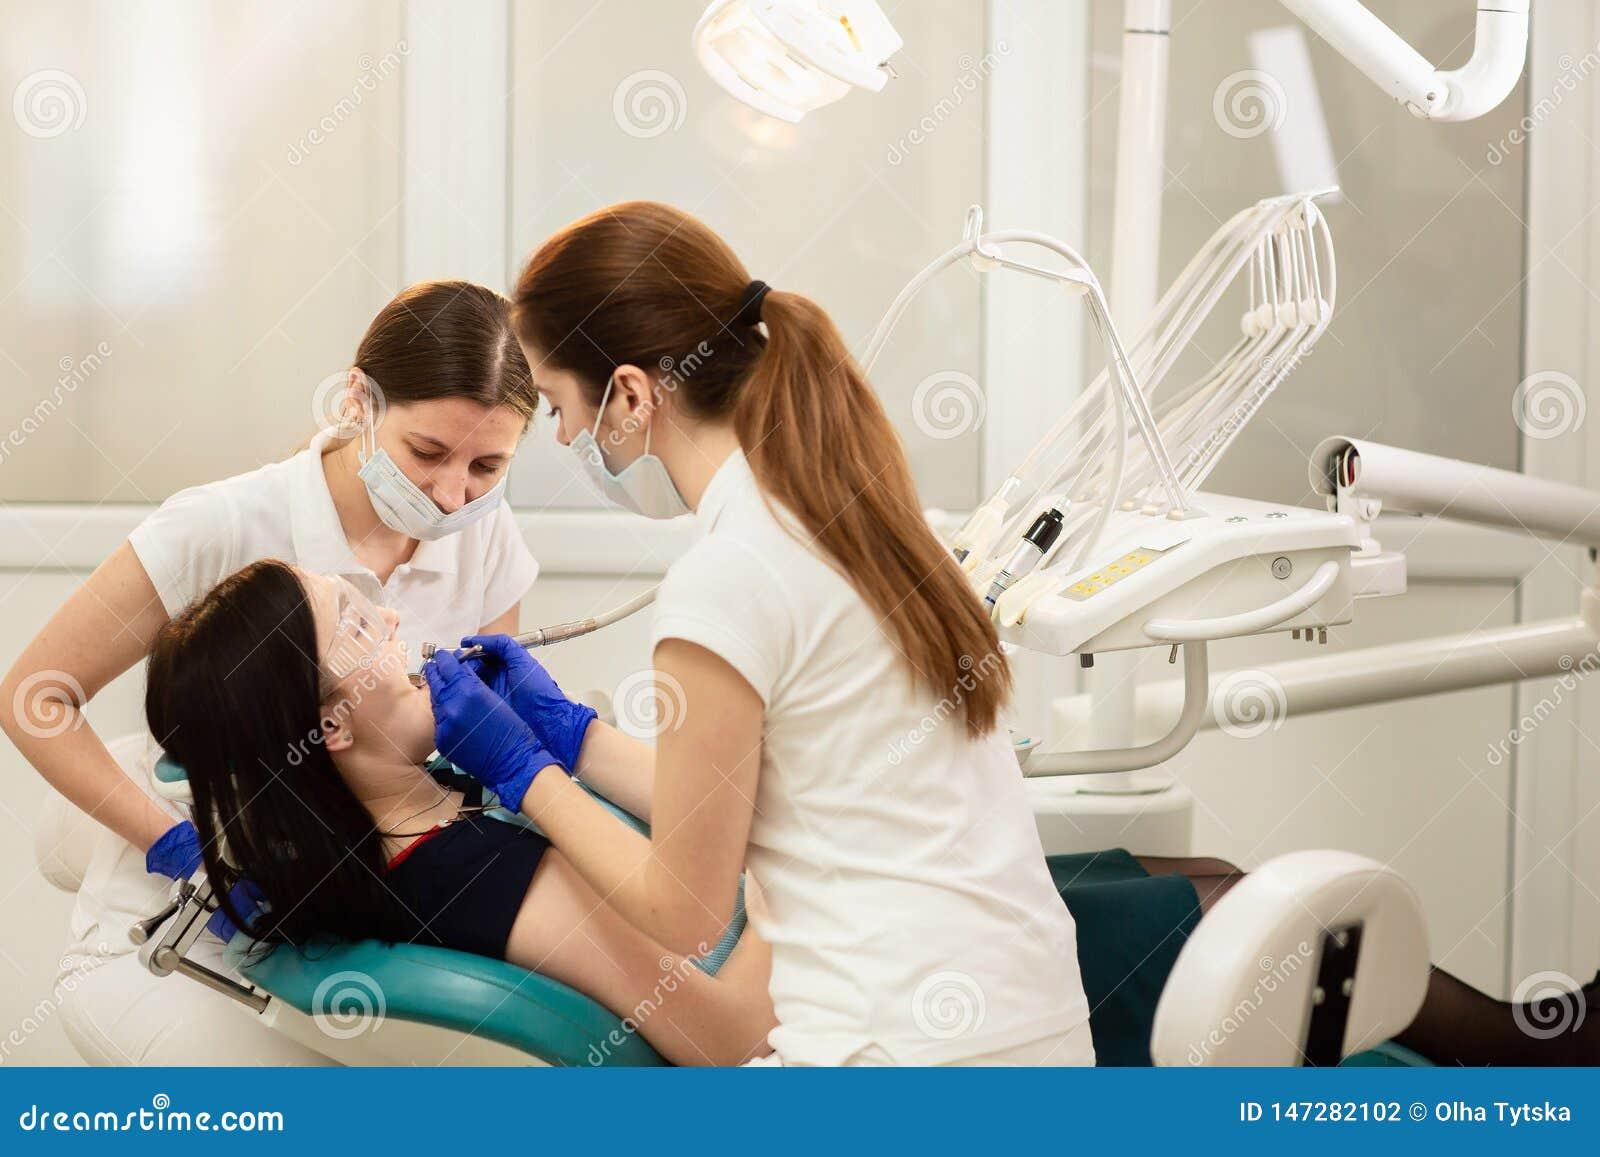 Doktorskiego whit cz?stowania pomocniczy z?by pacjent, zapobiega pr?chnicy 3d poj?cia r?ki m??czyzna stomatology z?b